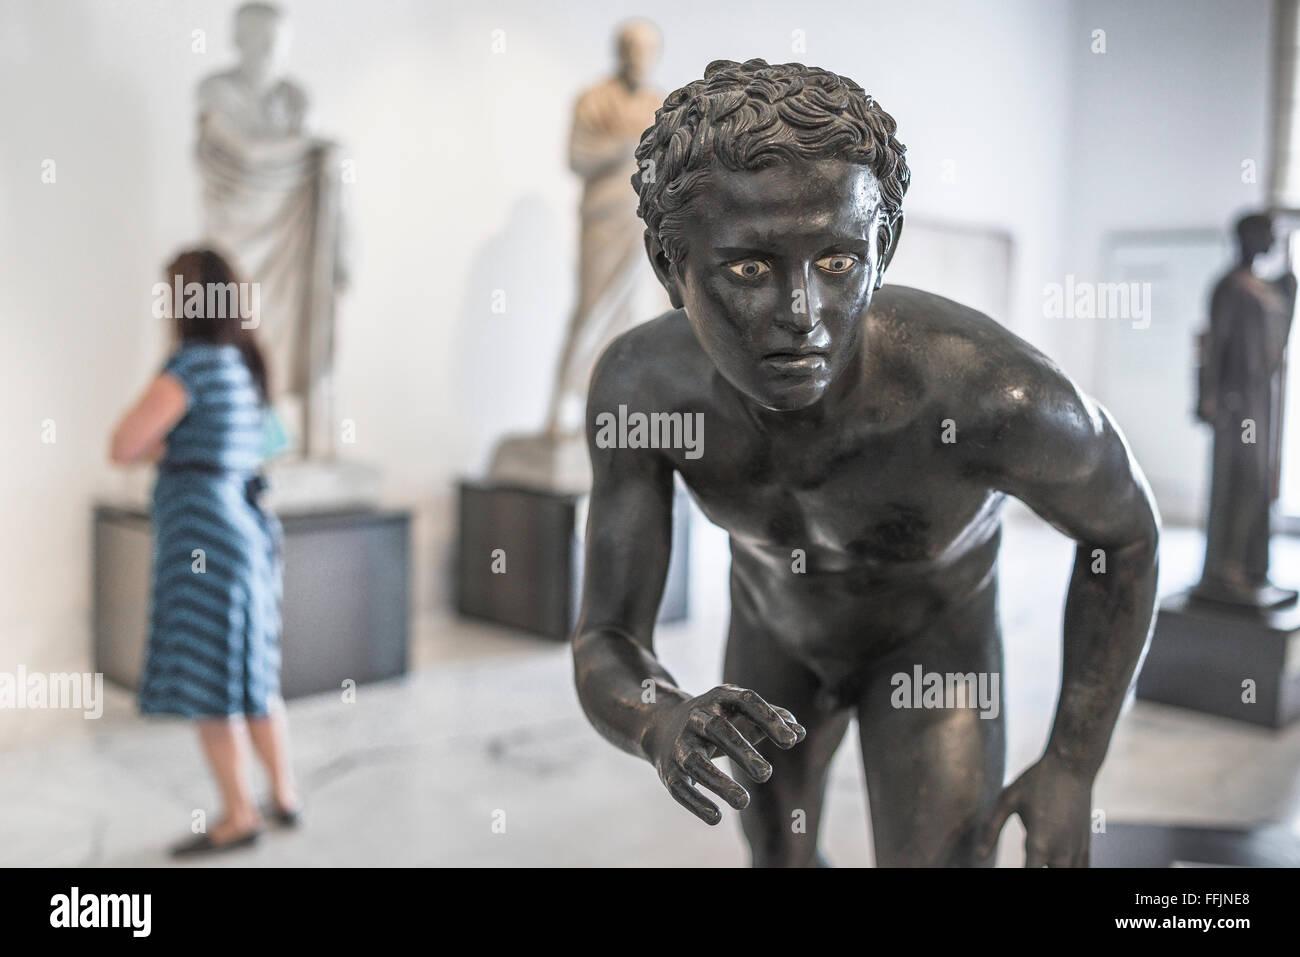 Museo Arqueológico de Nápoles, una estatua de la época romana antigua de un atleta en el Museo Archeologico Imagen De Stock